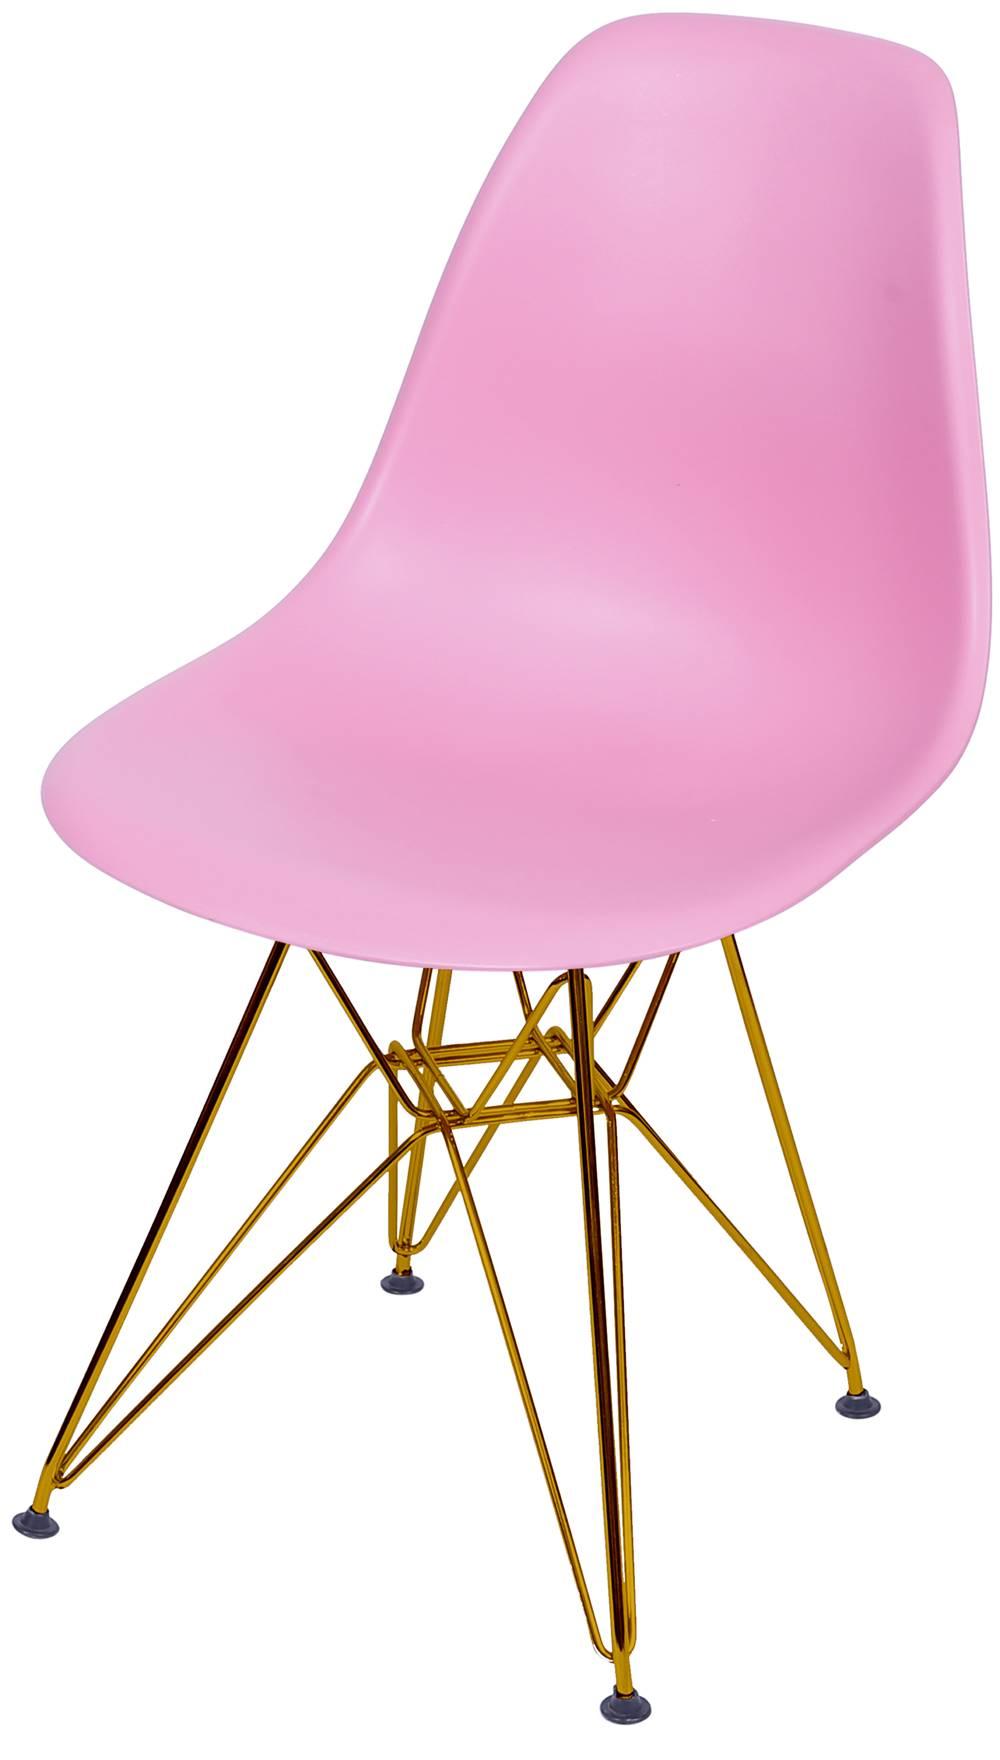 Cadeira Eames Polipropileno Rosa Base Cobre - 45974